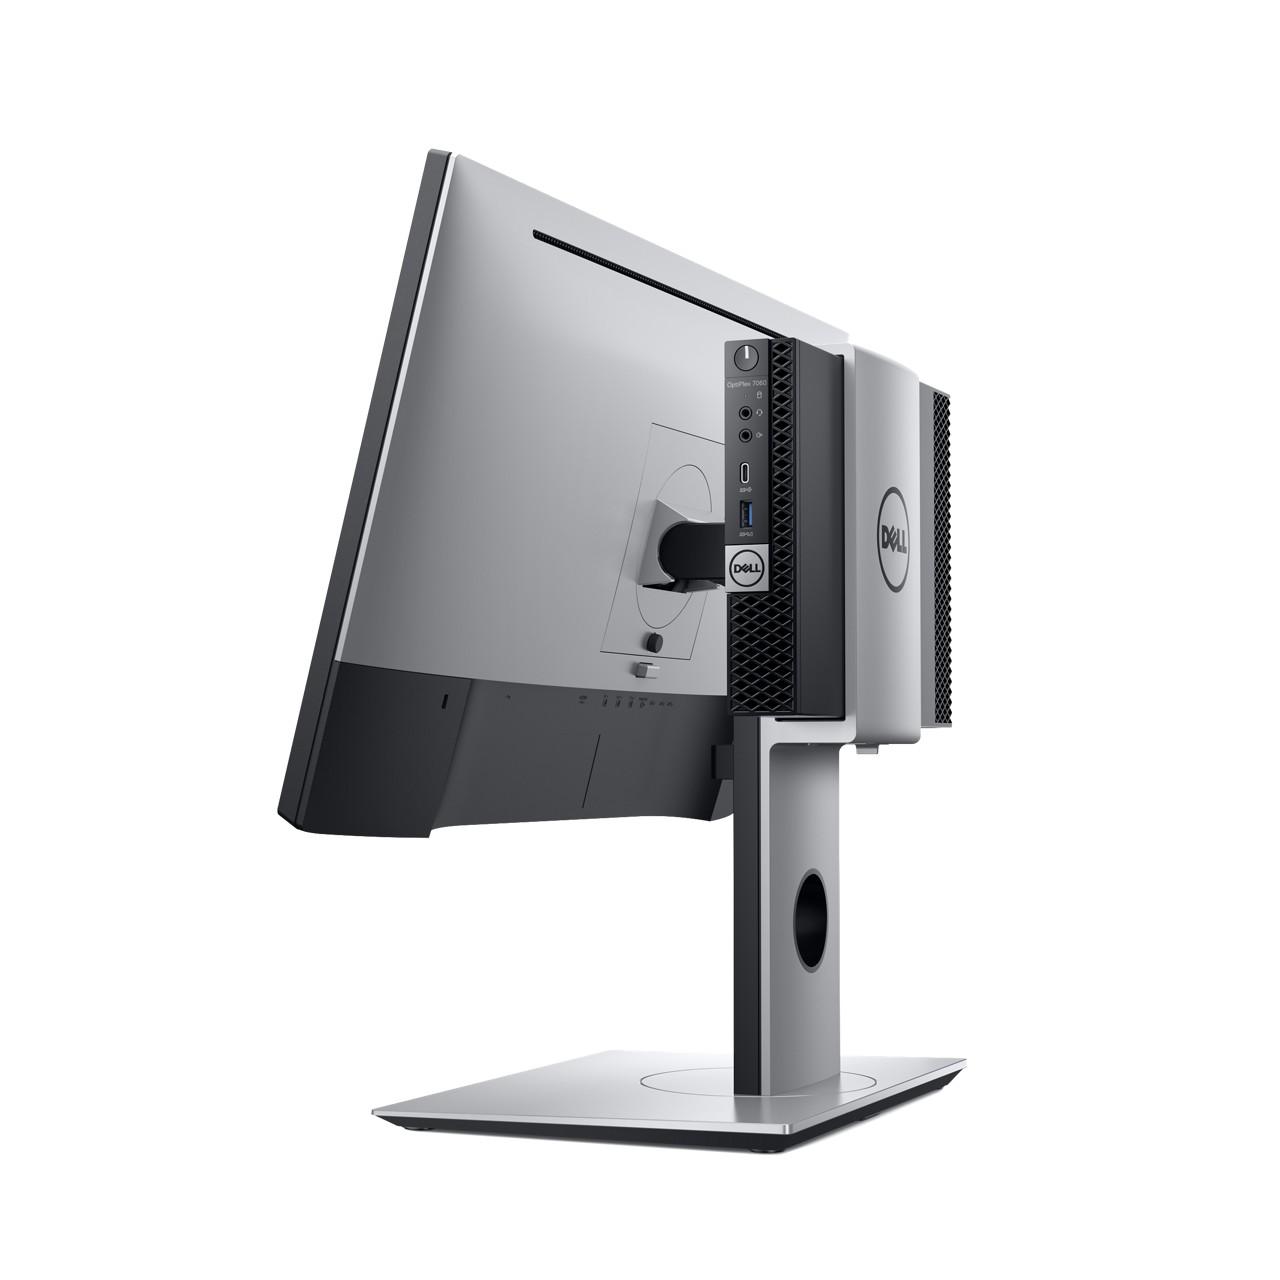 Dell: Neue Optiplex-Systeme in drei Größen und mit Dual-GPUs - Optiplex 7060 Micro (Bild: Dell)